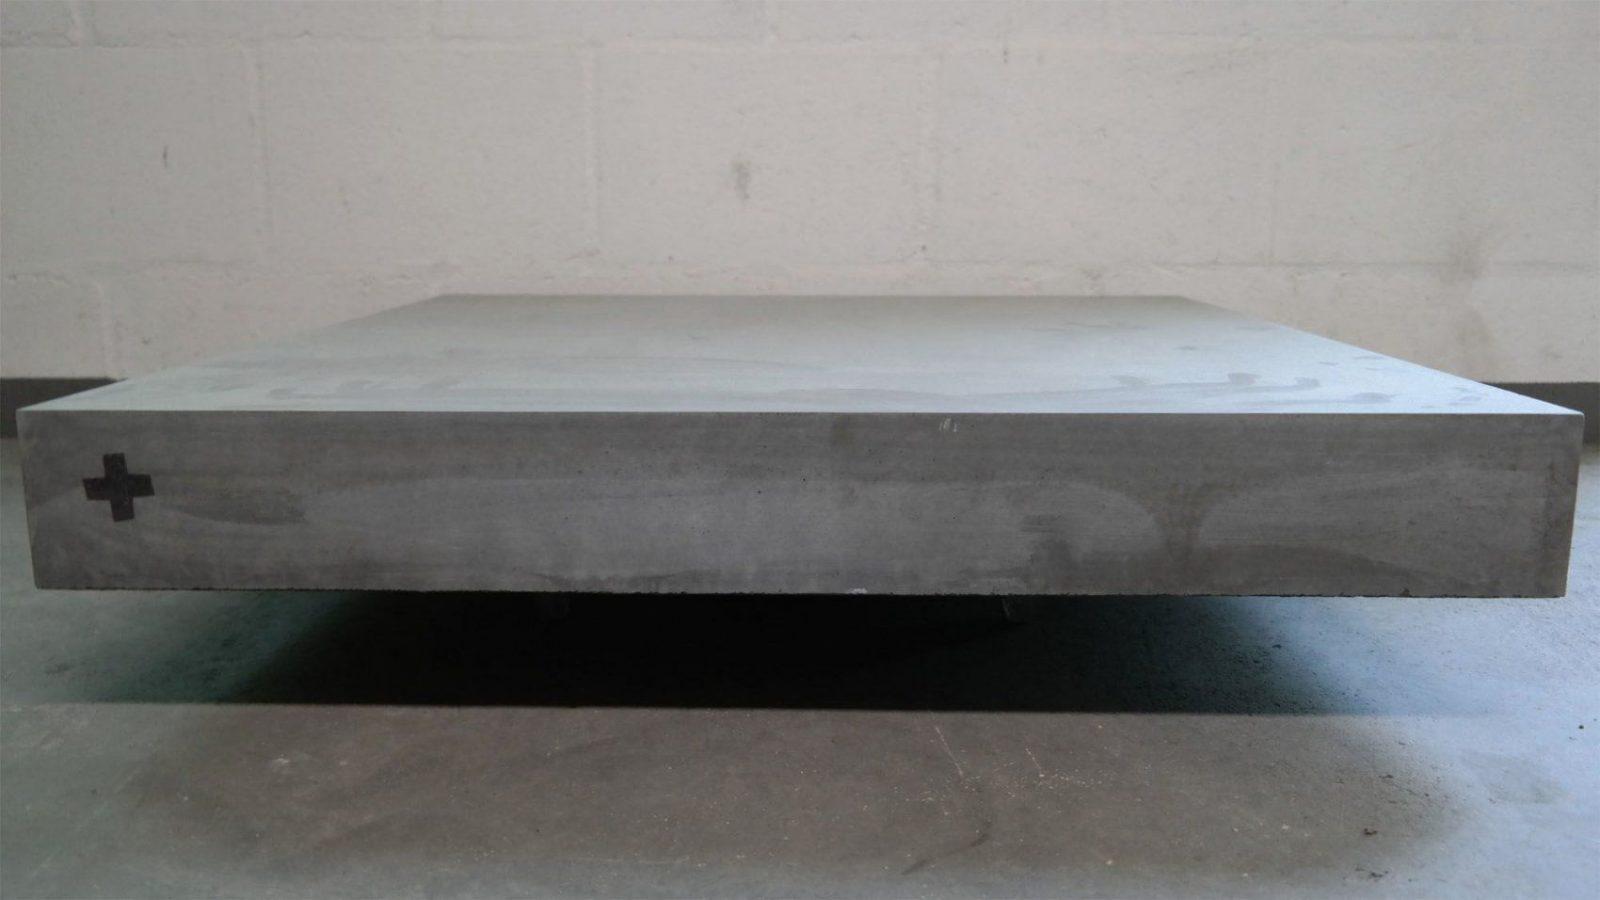 Couchtisch Beton Selber Machen  Tisch Design von Couchtisch Beton Selber Machen Bild